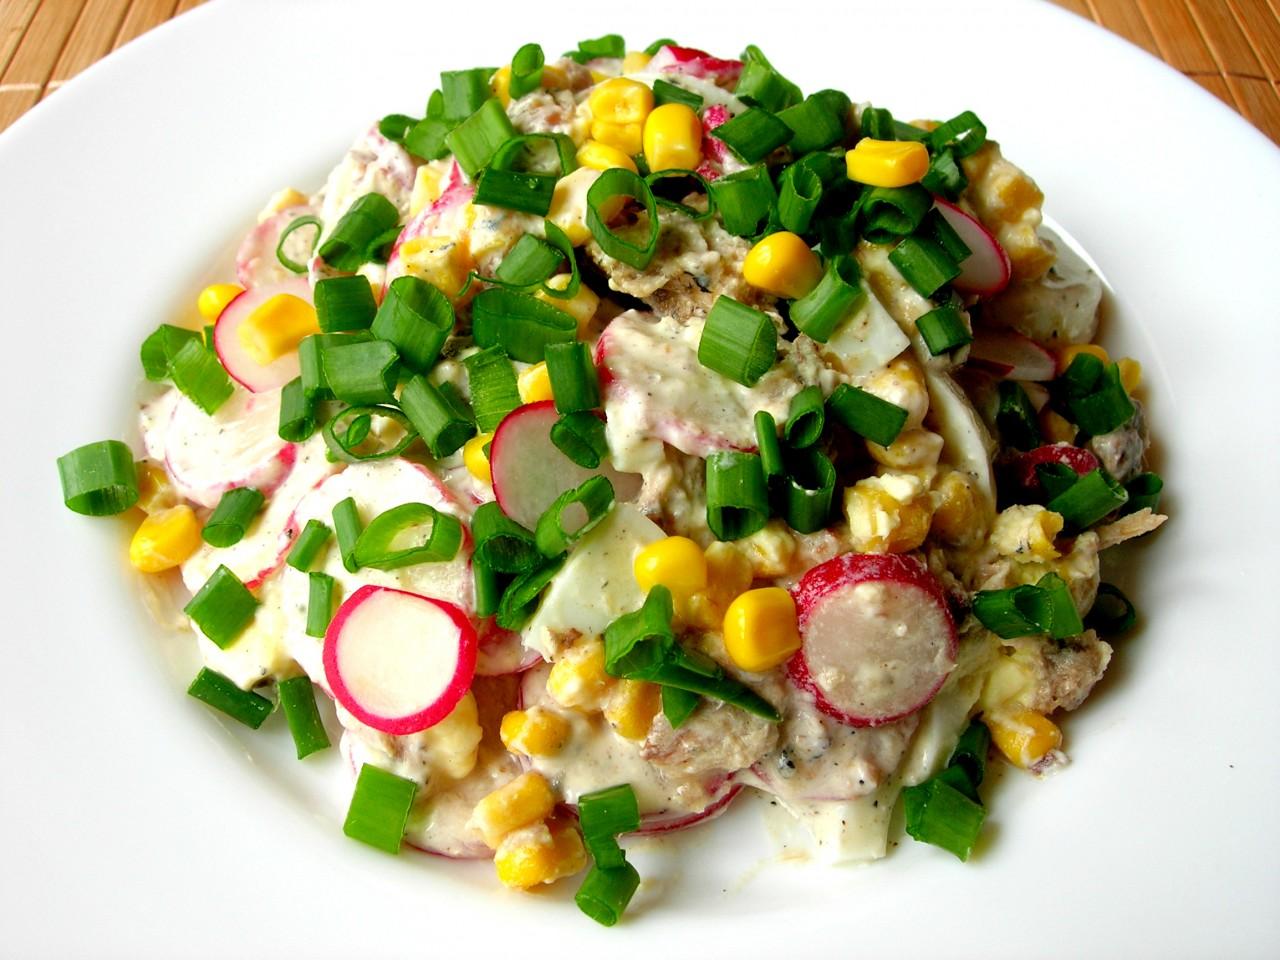 Салат без майонеза «ВЕСЕННЕЕ НАСТРОЕНИЕ». Яркий и вкусный салатик за несколко минут!